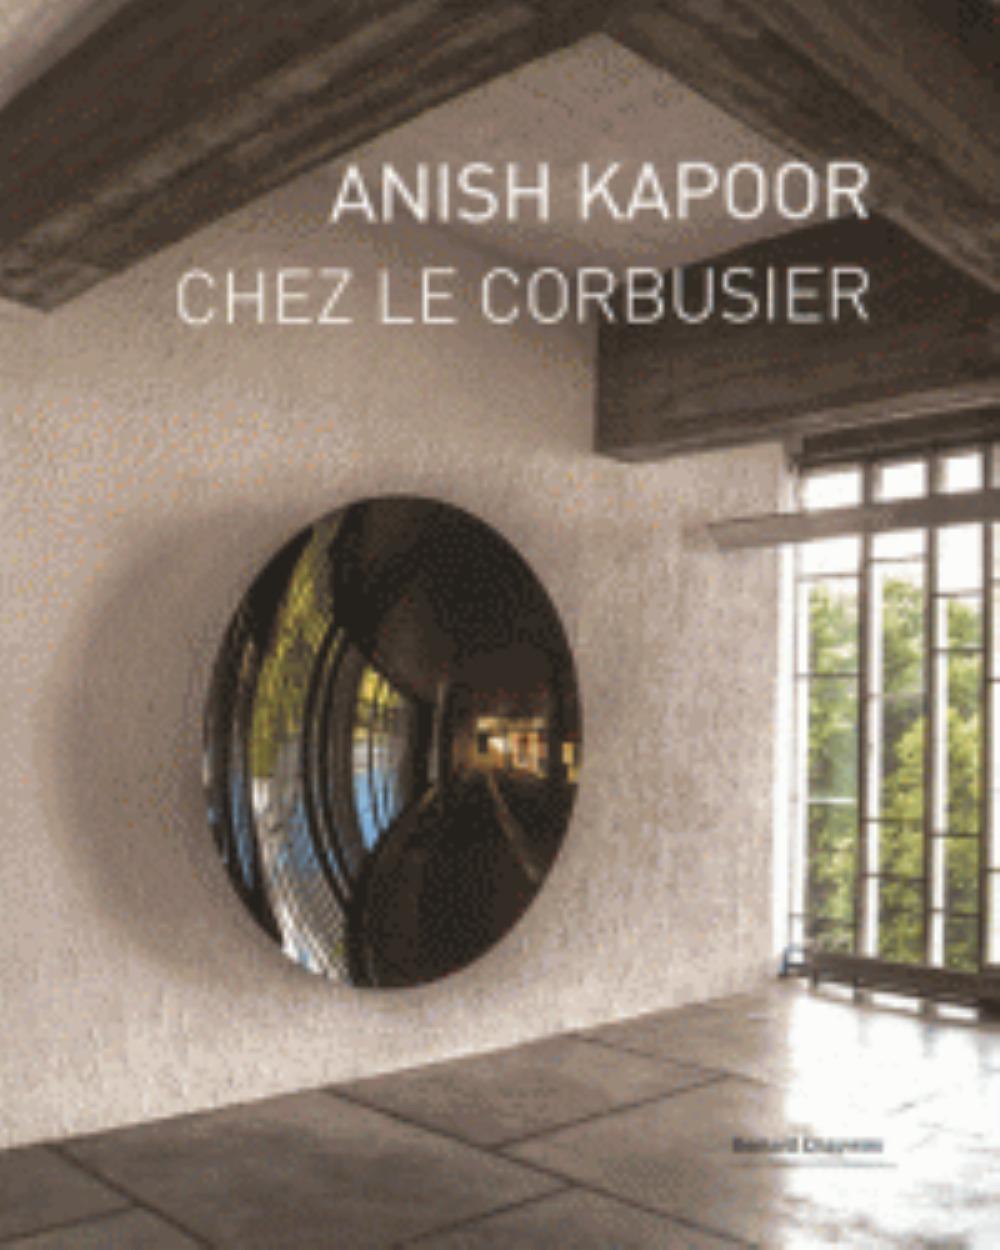 ANISH KAPOOR A LA TOURETTE